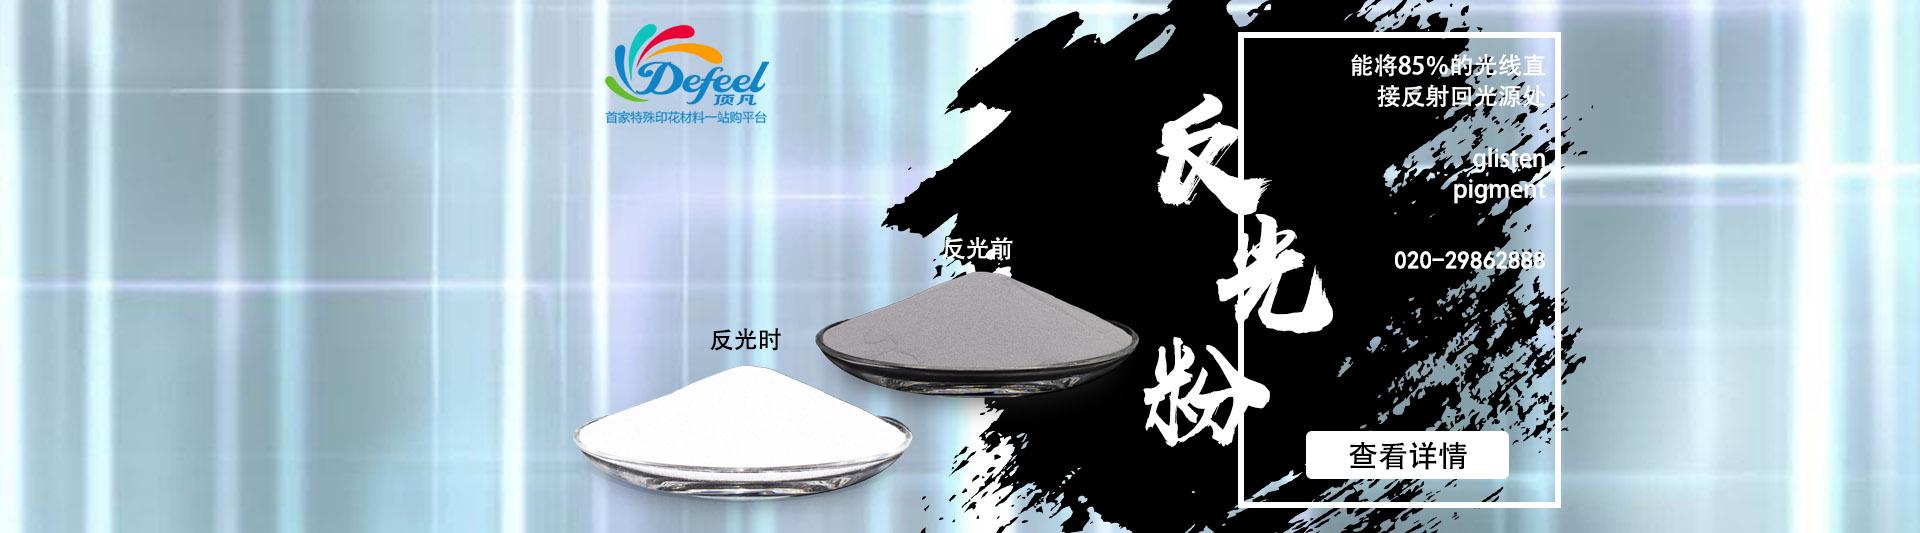 白色反光粉